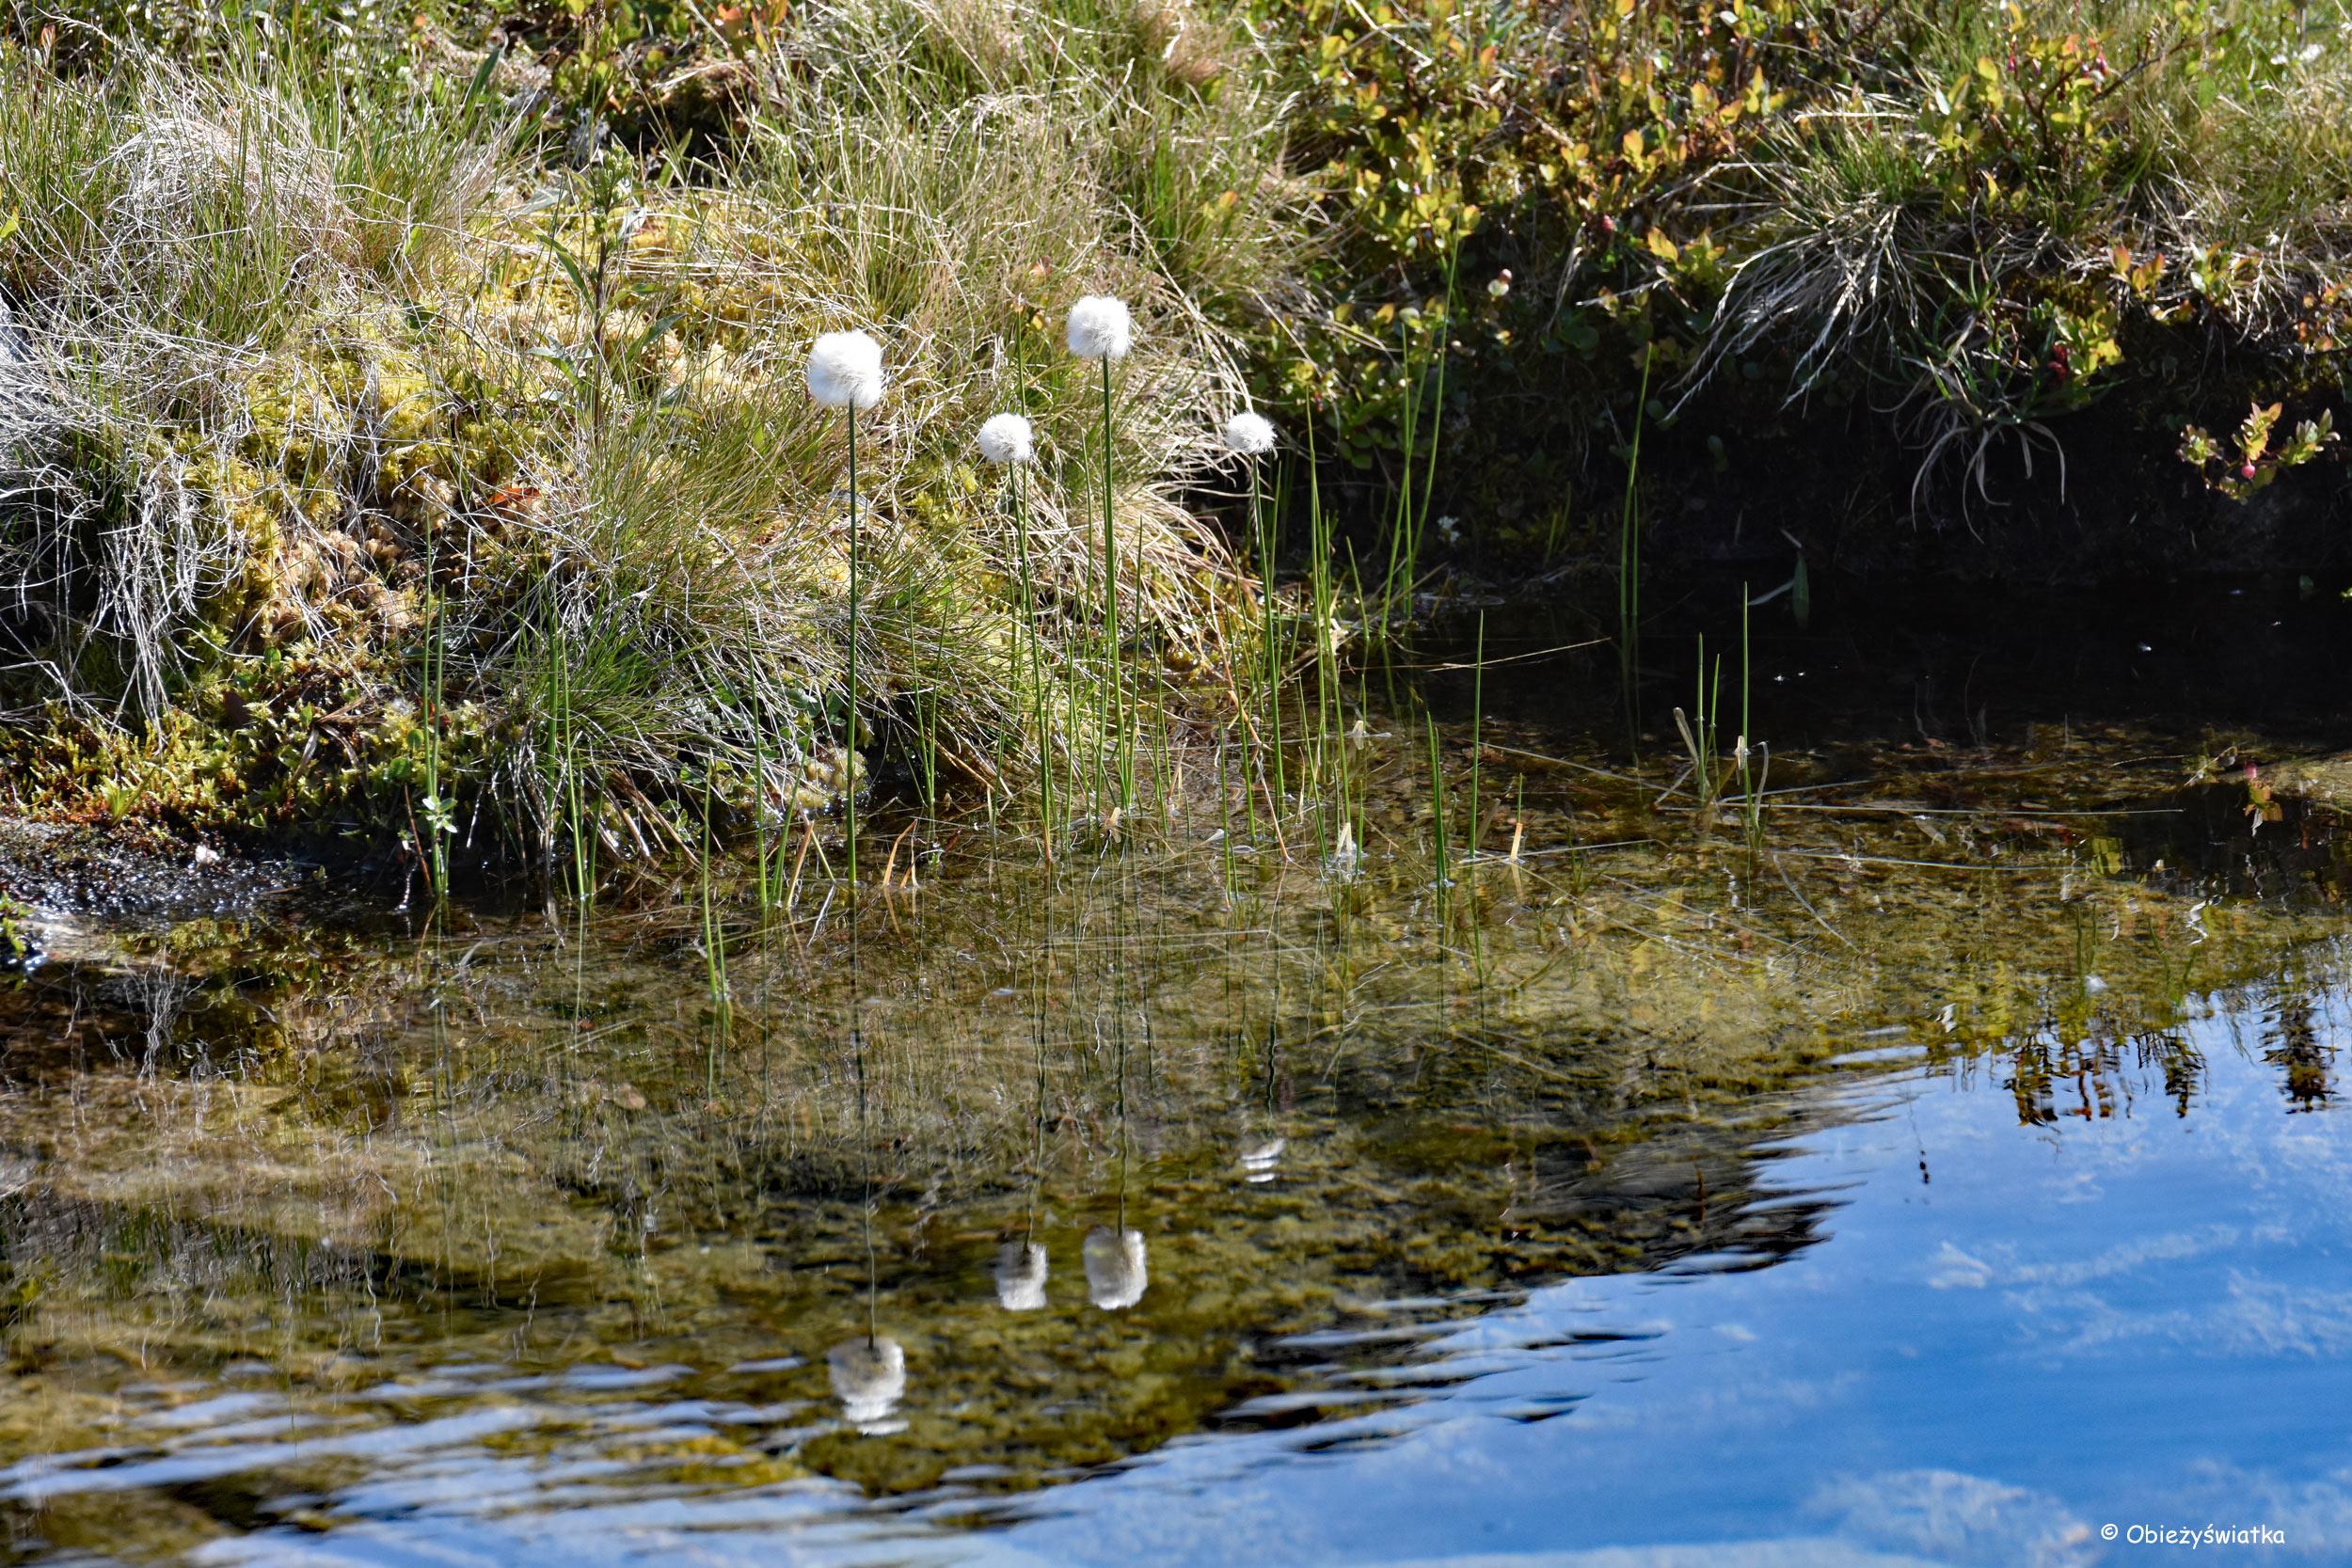 Przeglądające się w wodzie wełnianki - Gamle Strynefjellsvegen, Norwegia